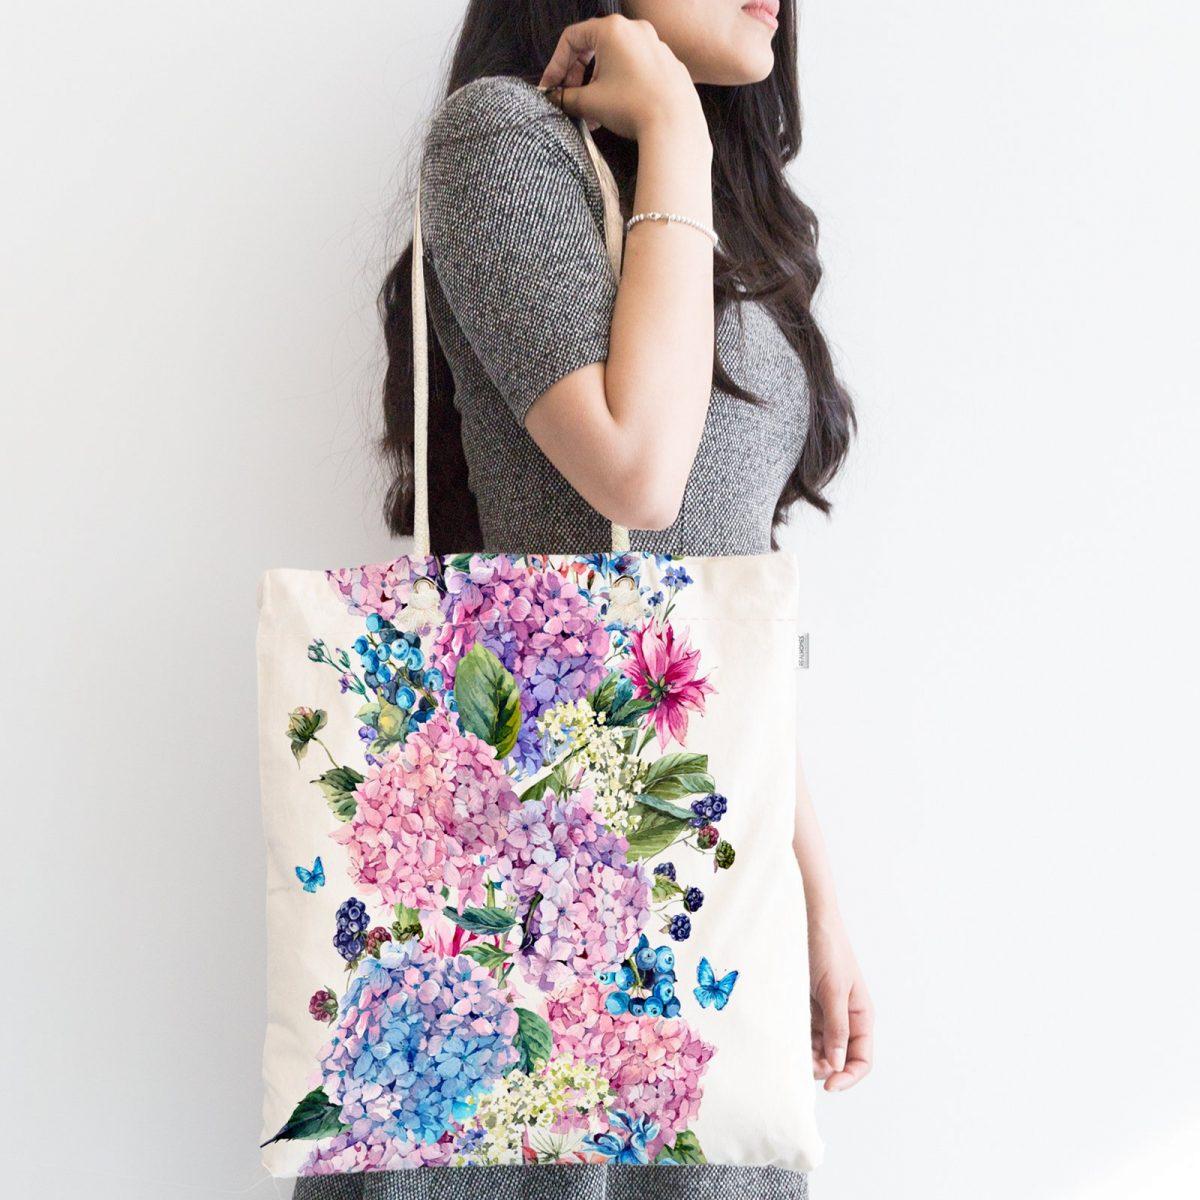 Lila Renk Salkım Zambak Desenli Dijital Baskılı Fermuarlı Kumaş Çanta Realhomes